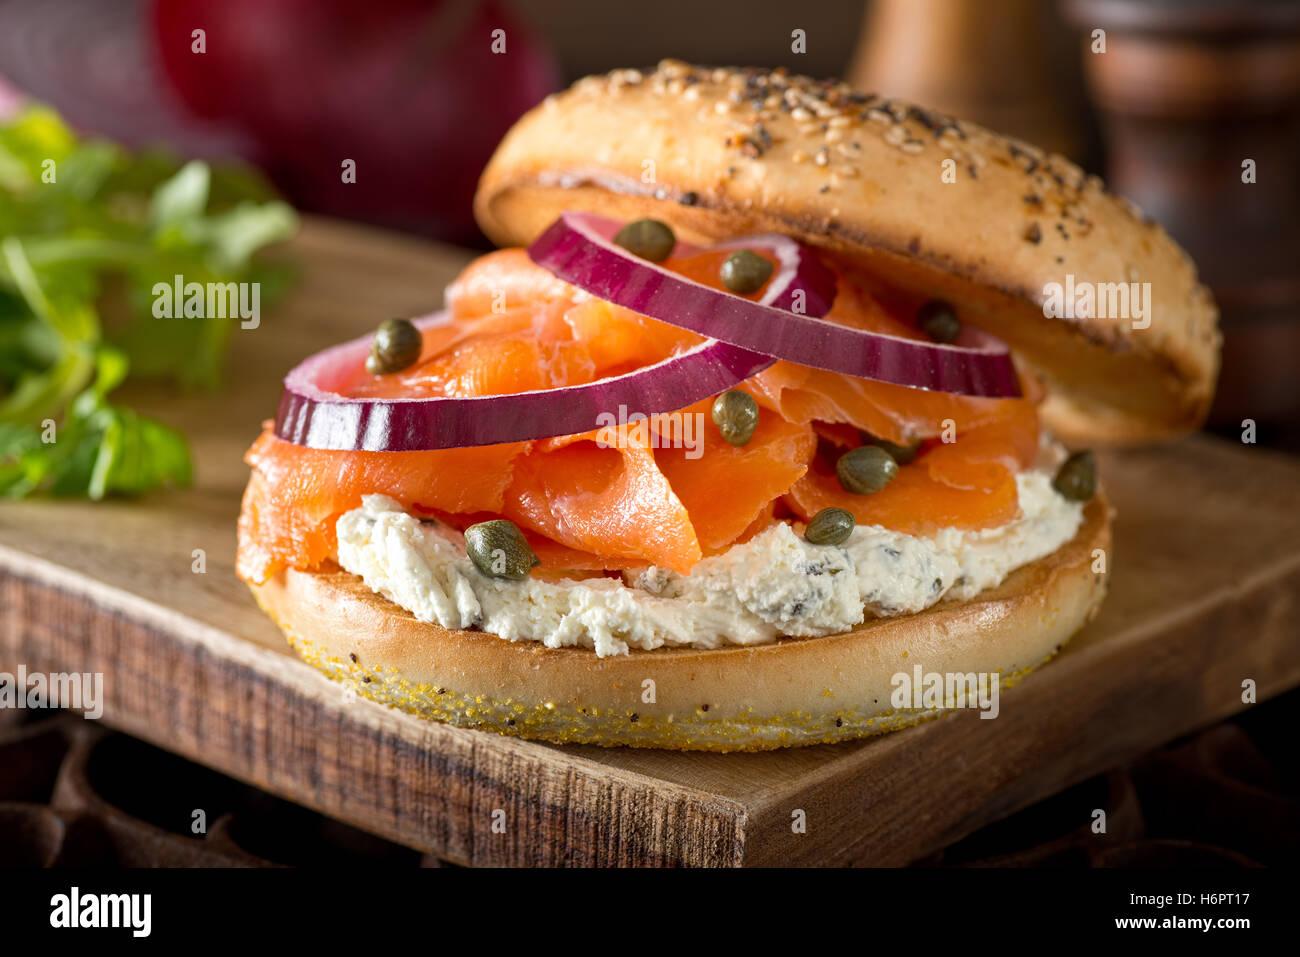 Un delicioso bagel tostado con salmón ahumado, queso crema, alcaparras y cebolla roja. Imagen De Stock